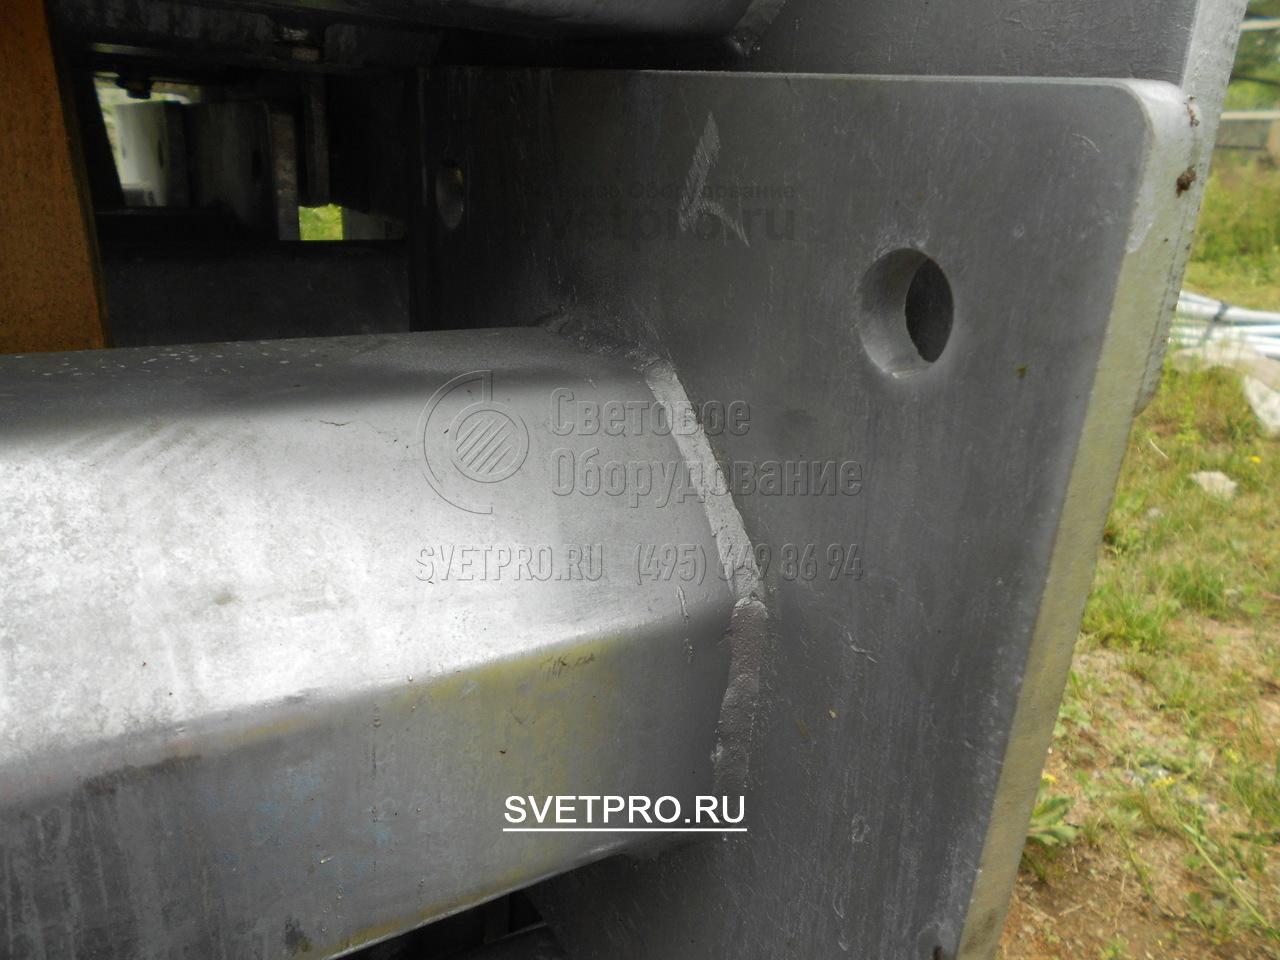 Опорная площадка надежно приваривается к корпусу с помощью электросварного шва. После окончания сваривания место соединения очищается от шлака и окалины, затем проверяется неразрушающими методами контроля. Это гарантирует прочность соединительного узла.